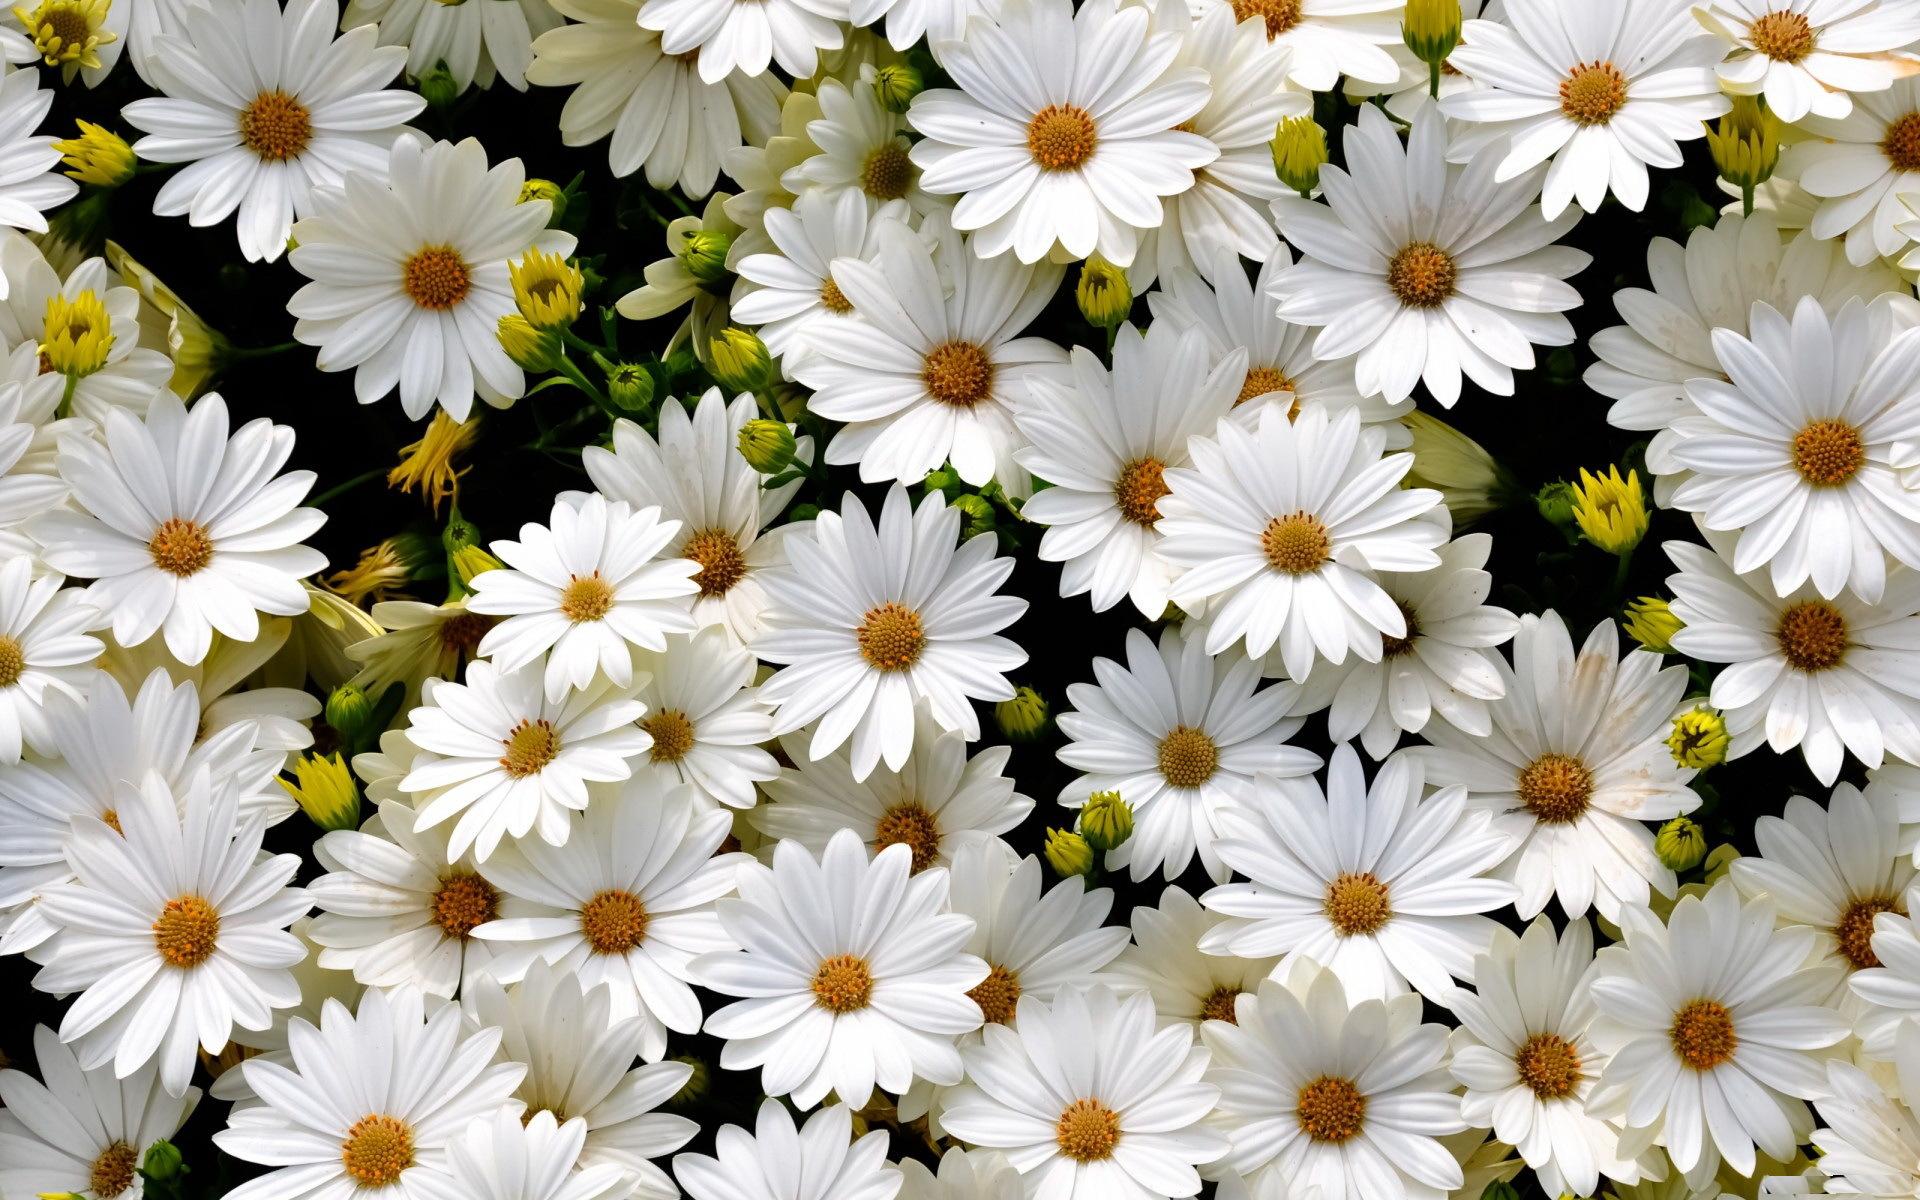 ... Daisies Wallpaper · Pretty Daisies